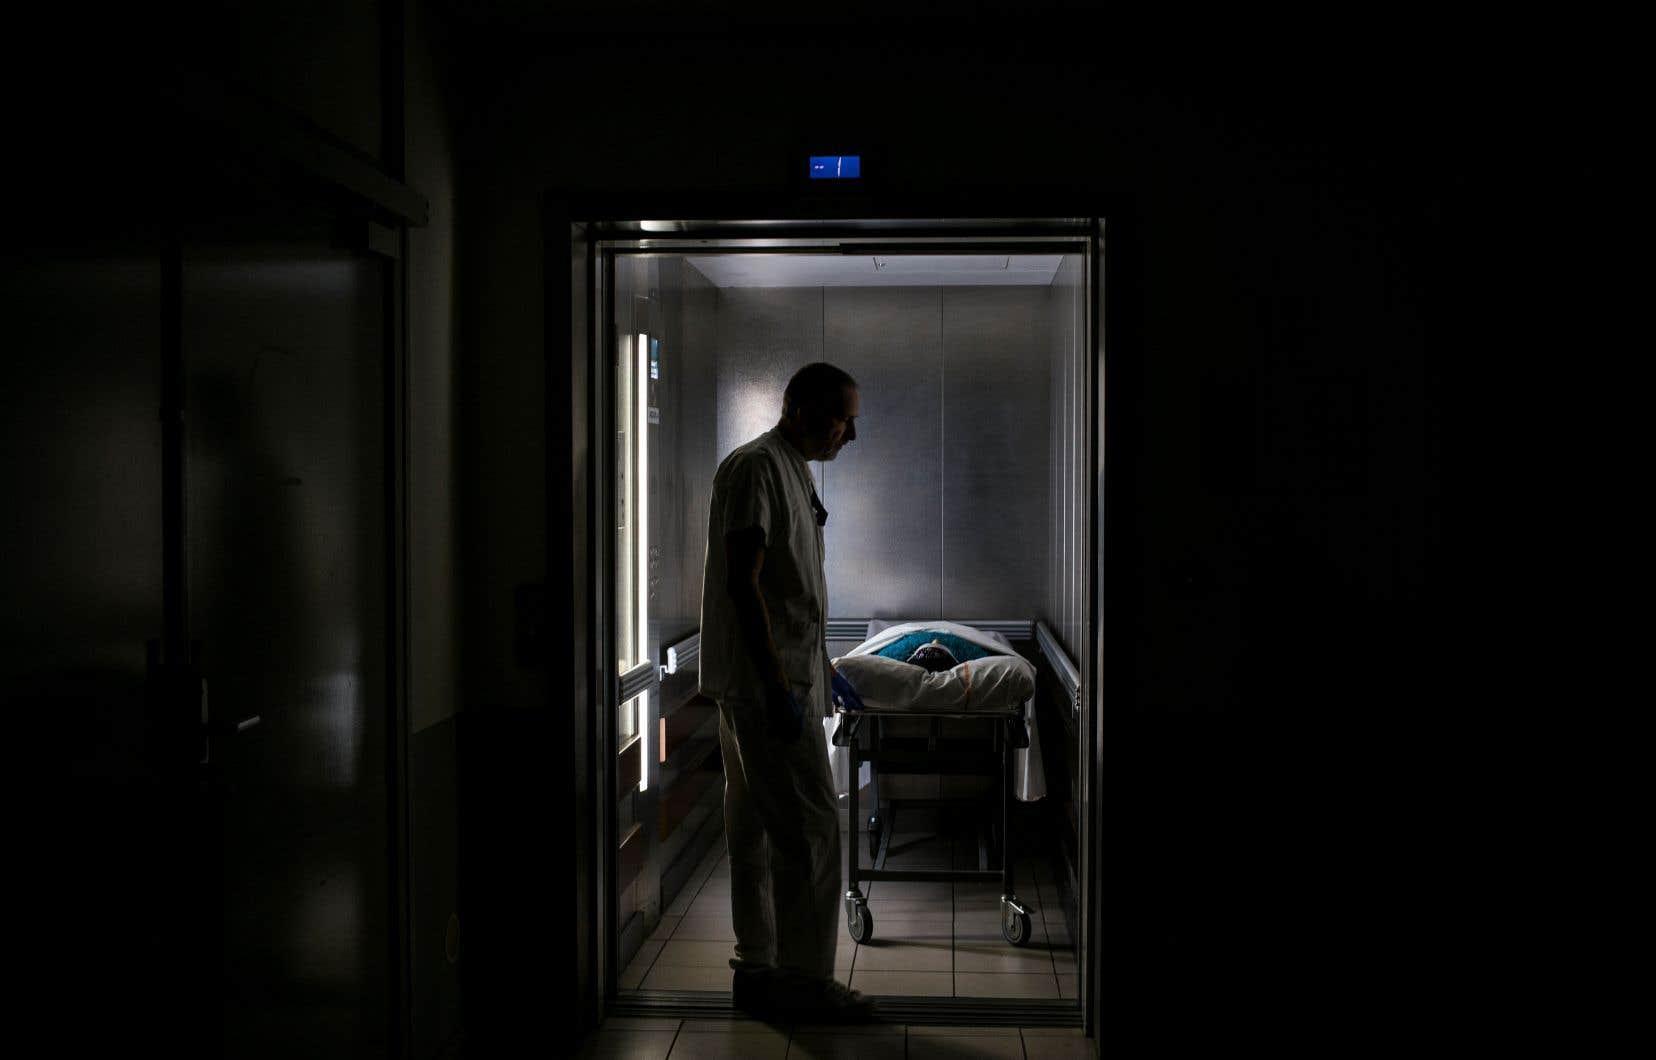 <p>La loi actuelle ne permet pas à une province d'adopter une loi sur l'aide à mourir qui serait plus permissive que la loi fédérale, a fait savoir le porte-parole du ministère fédéral de la Justice, Ian McLeod, au «Devoir».</p>